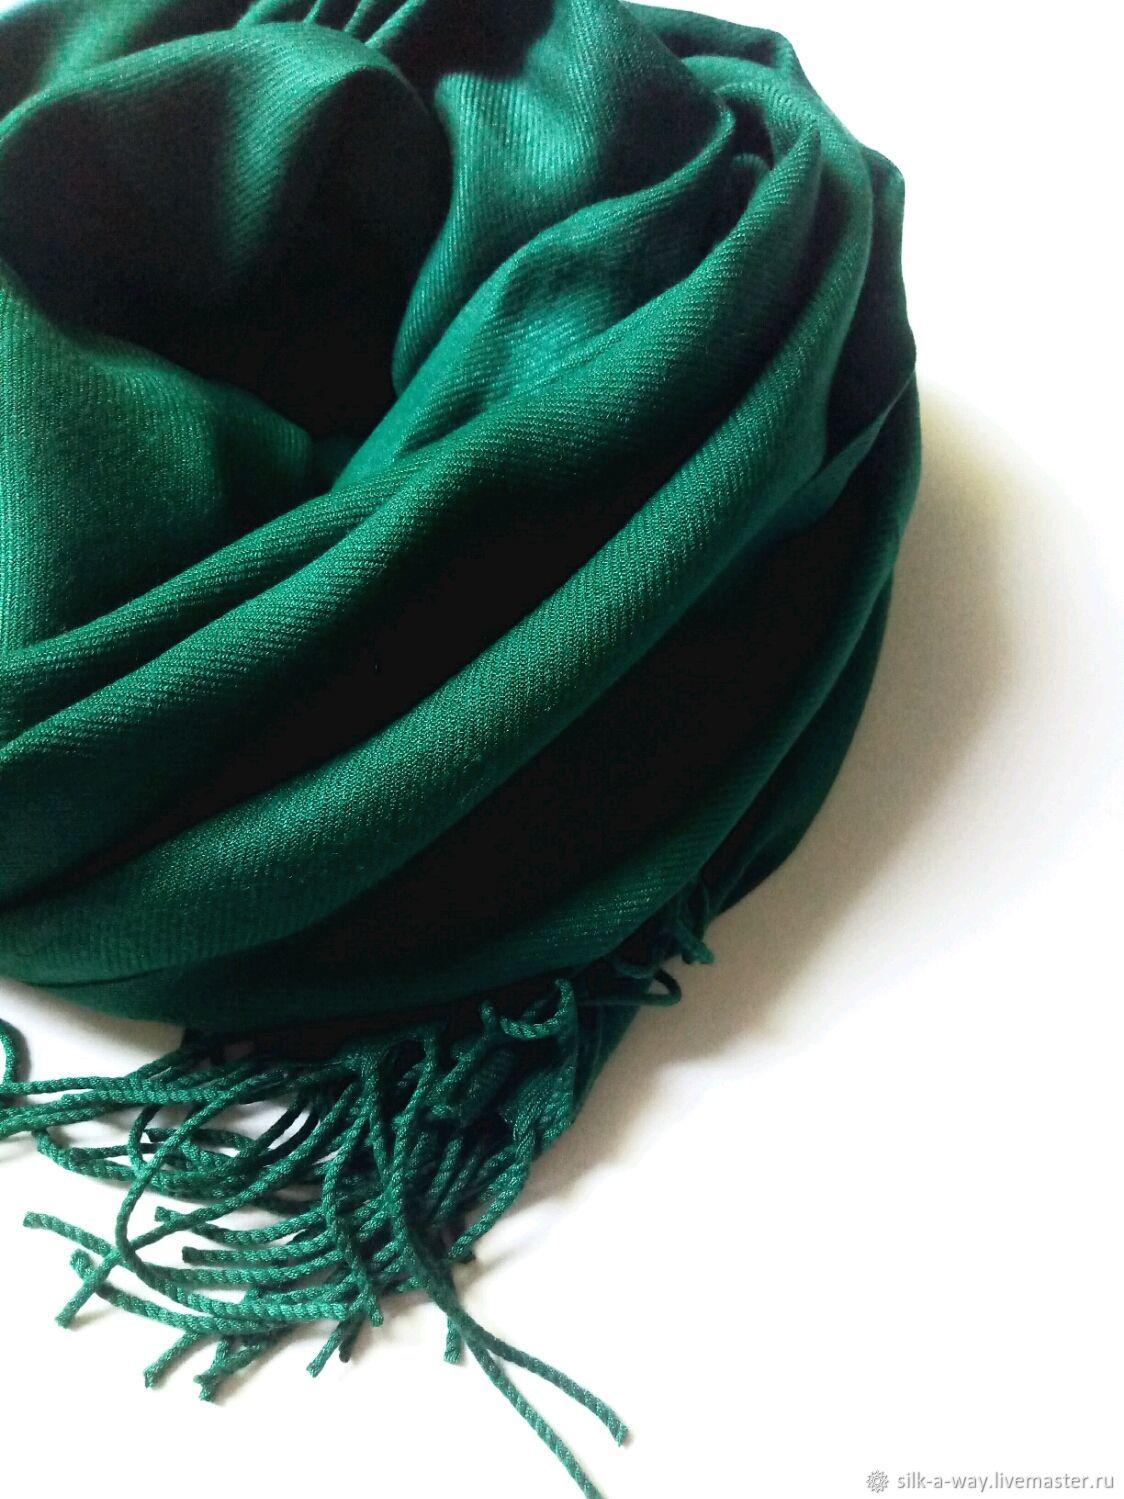 Палантин дармутский зеленый, Палантины, Москва,  Фото №1